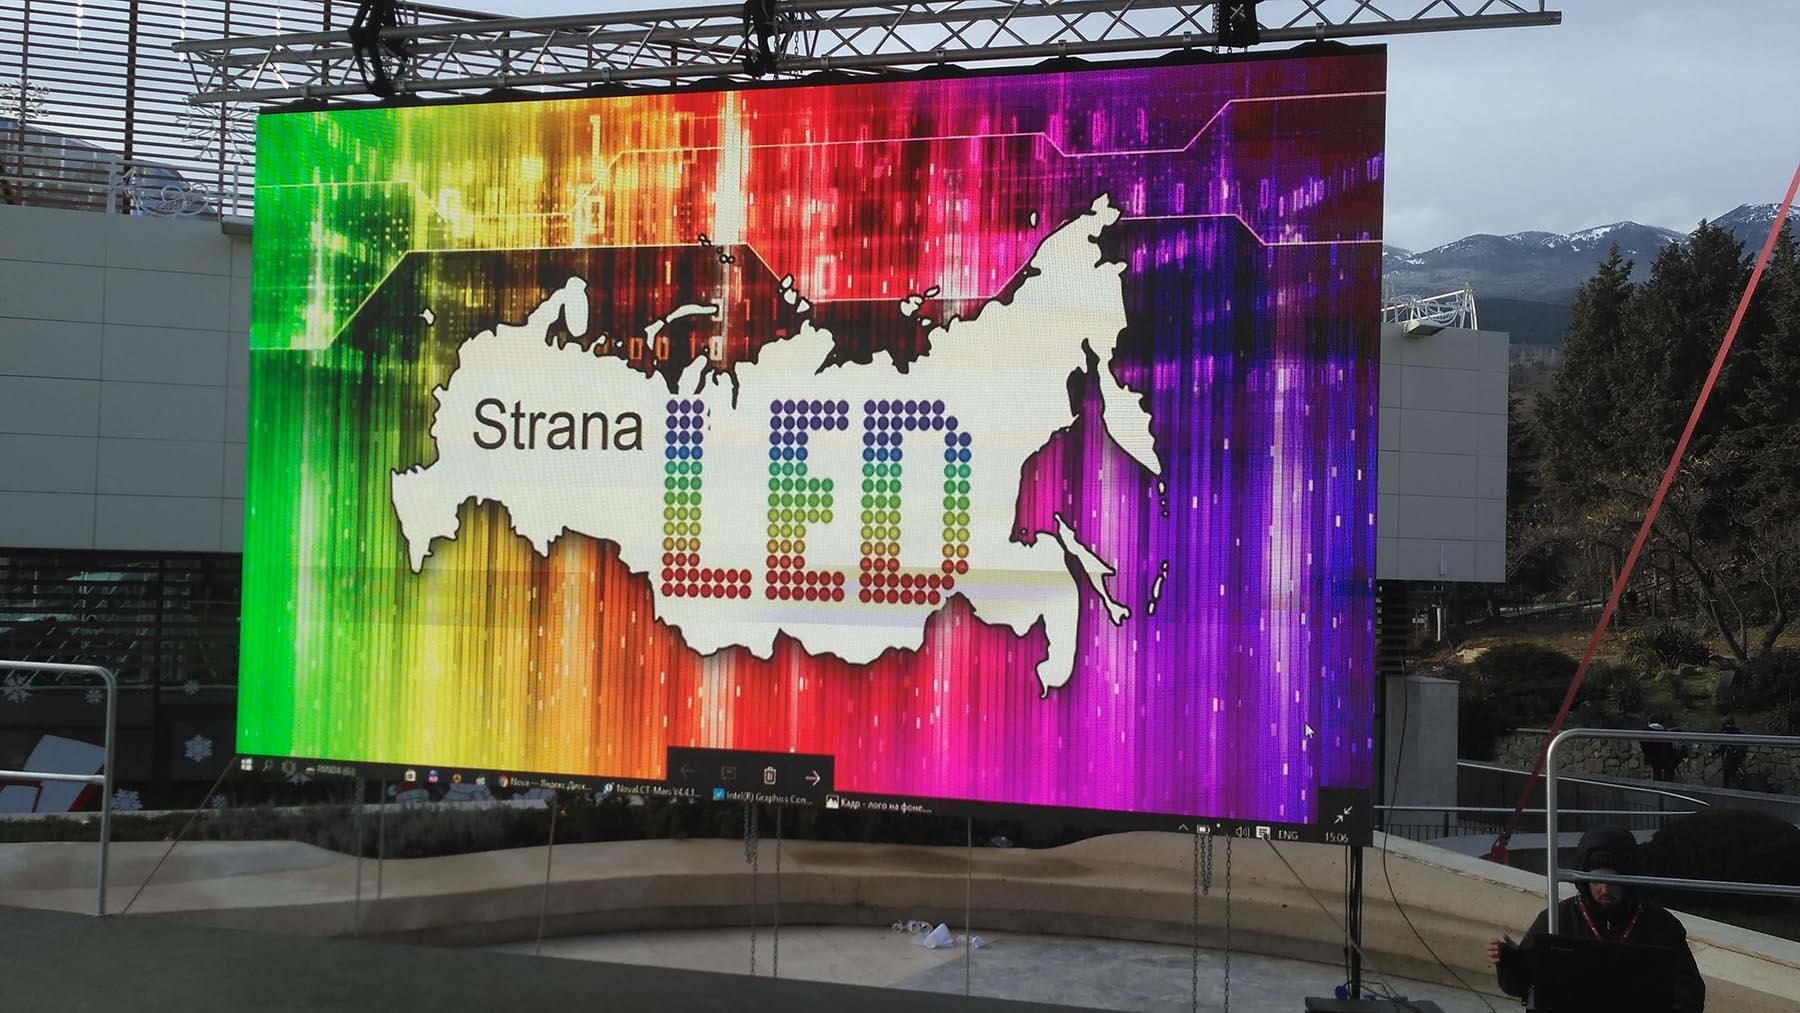 Порно на рекламном экране в москве онлайн моему